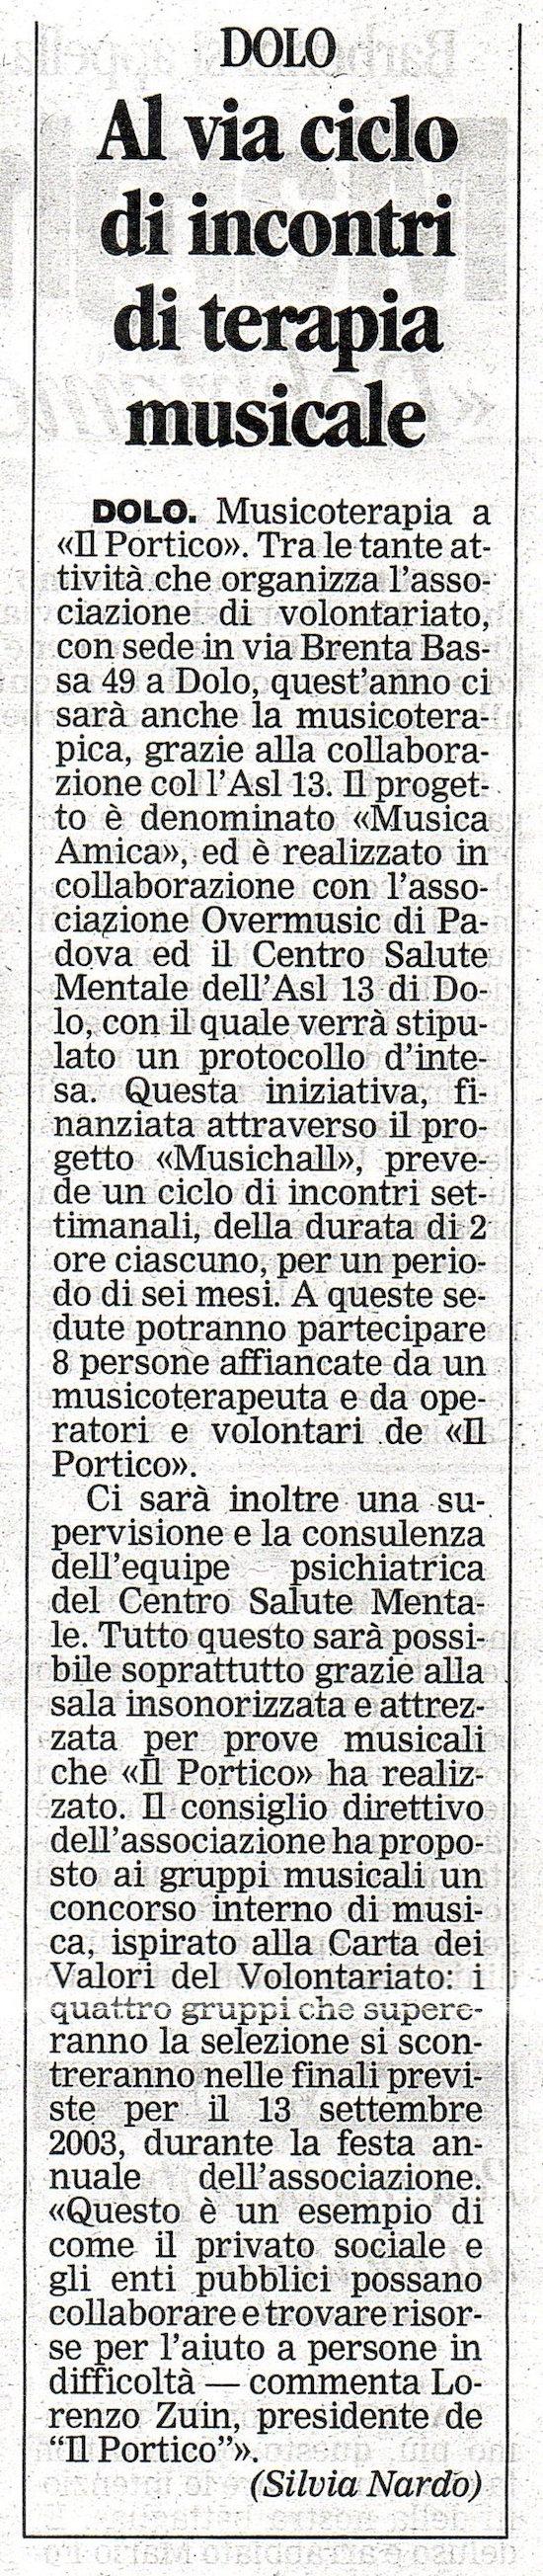 2003.08.01 La Nuova (p. 26)